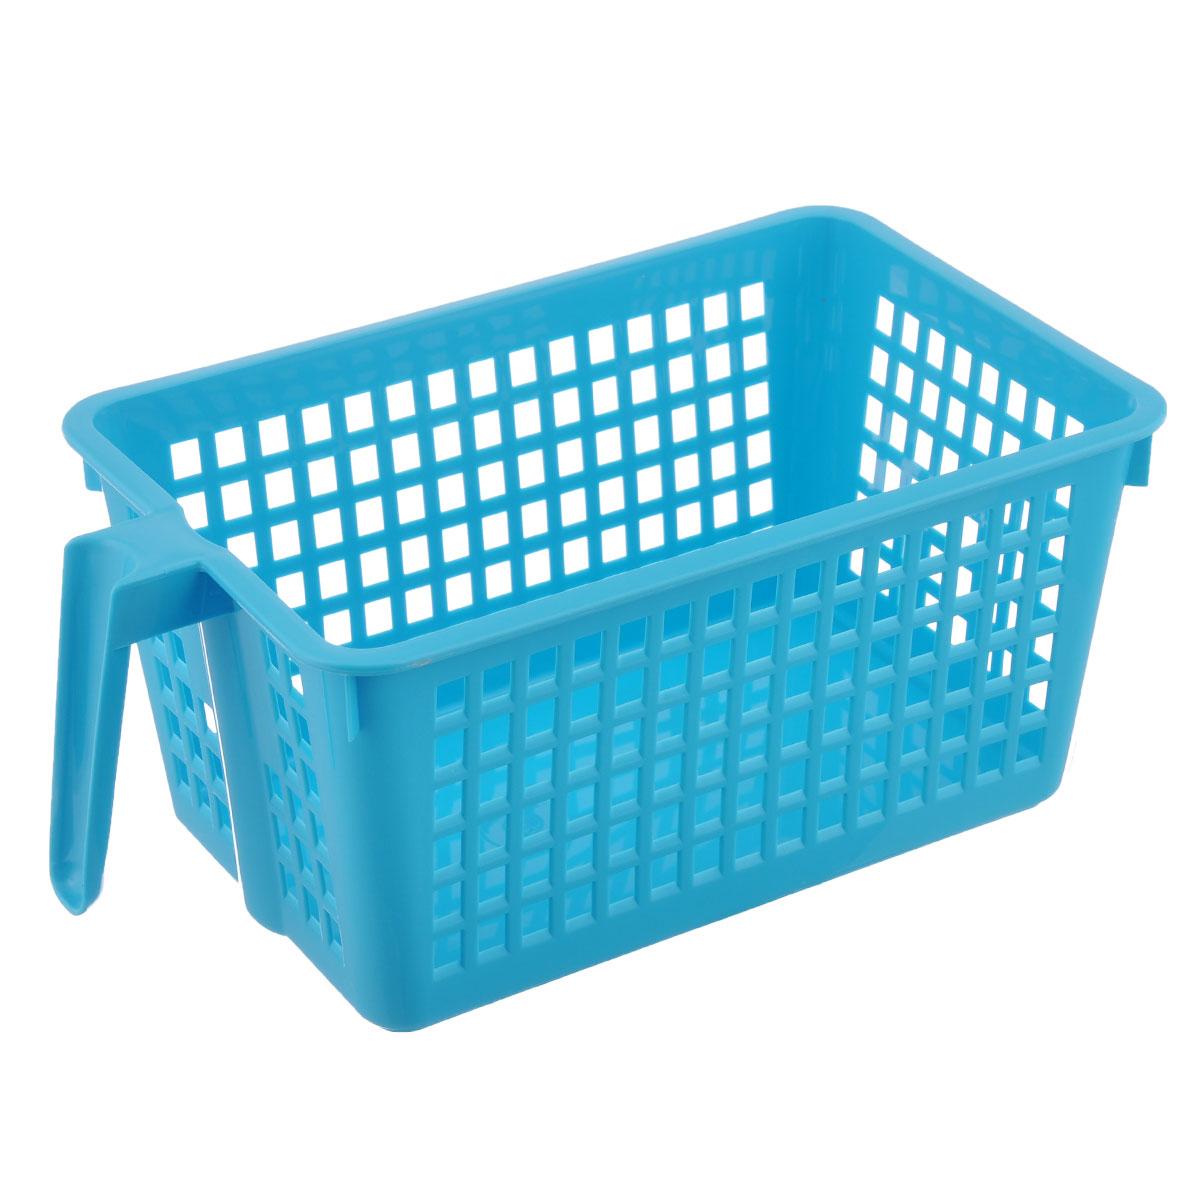 Корзинка универсальная Econova, с ручкой, цвет: голубой, 28 х 16 х 12 смRG-D31SУниверсальная корзинка Econova изготовлена из высококачественного пластика и предназначена для хранения и транспортировки вещей. Корзинка подойдет как для пищевых продуктов, так и для ванных принадлежностей и различных мелочей. Изделие оснащено ручкой для более удобной транспортировки. Стенки корзинки оформлены перфорацией, что обеспечивает естественную вентиляцию. Универсальная корзинка Econova позволит вам хранить вещи компактно и с удобством.